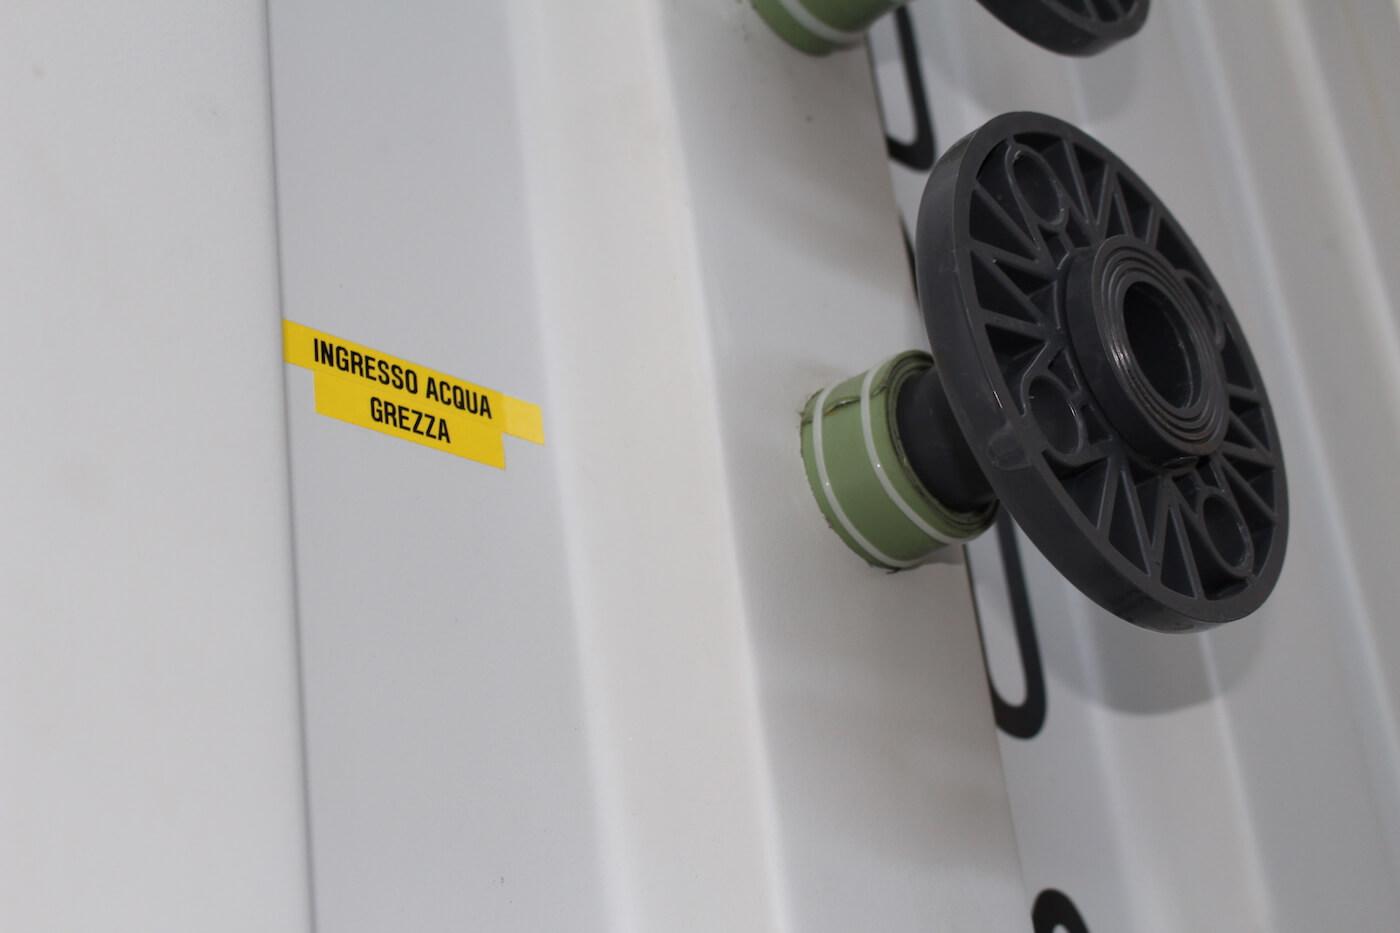 cz trattamento acque - impianti depurazione acqua filtrazione addolcimento osmosi inversa impianti container 6